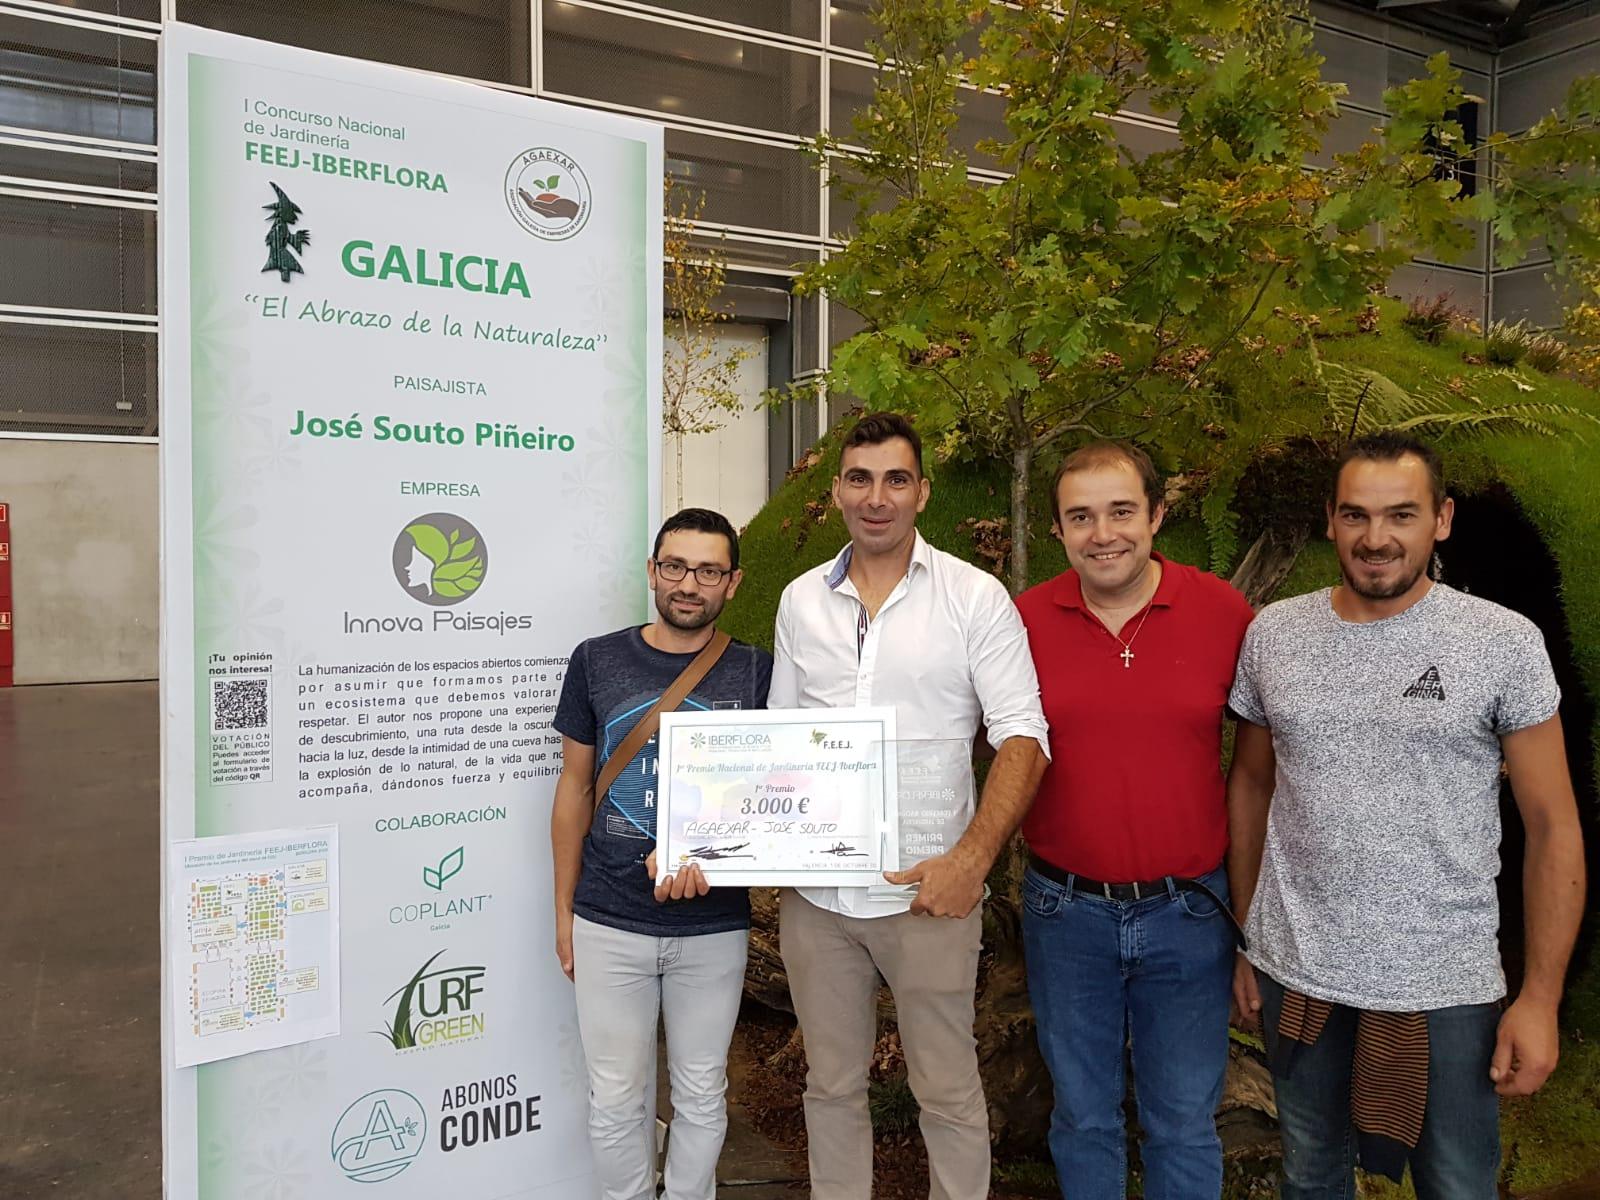 Coplant Galicia resuena en Iberflora 2019